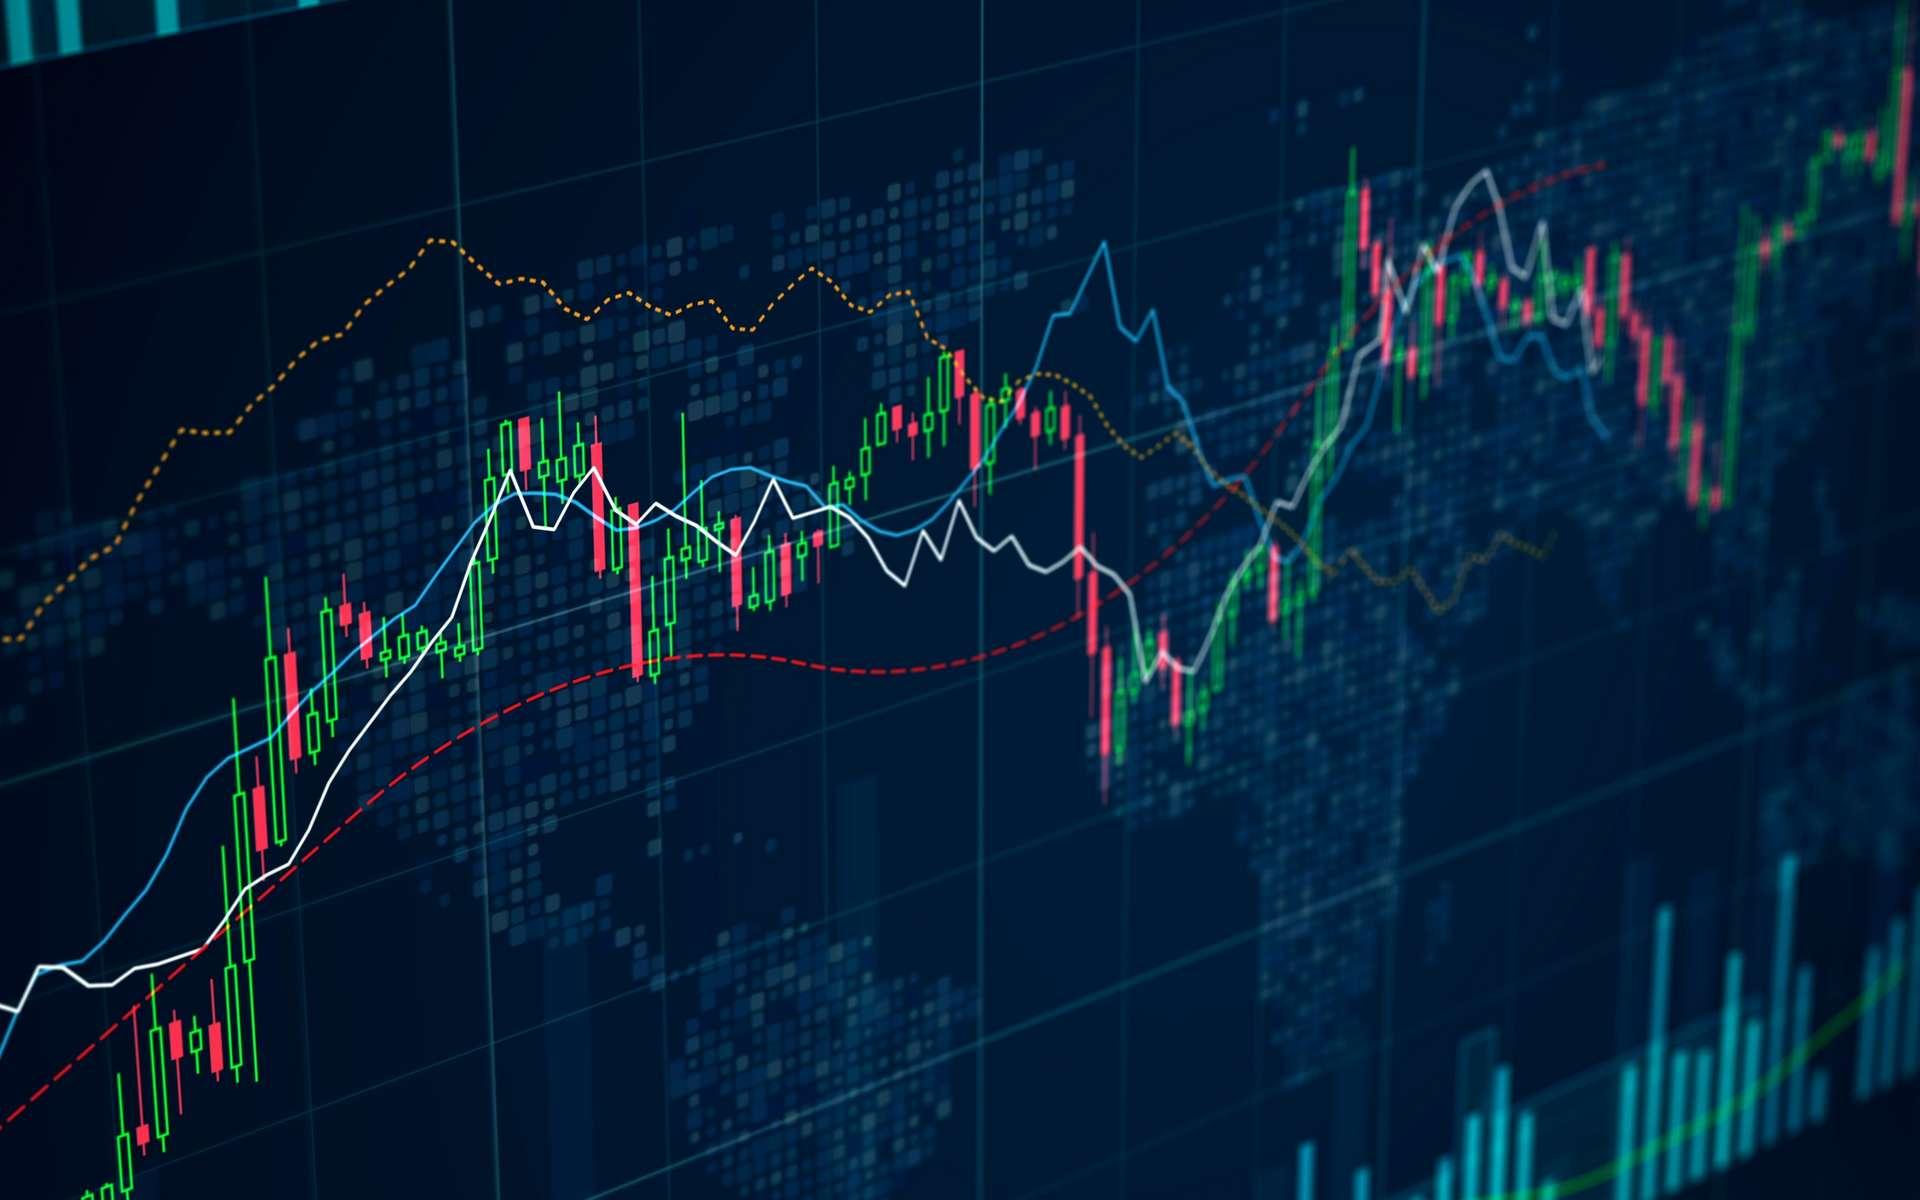 pourquoi se diriger meilleur site de trading